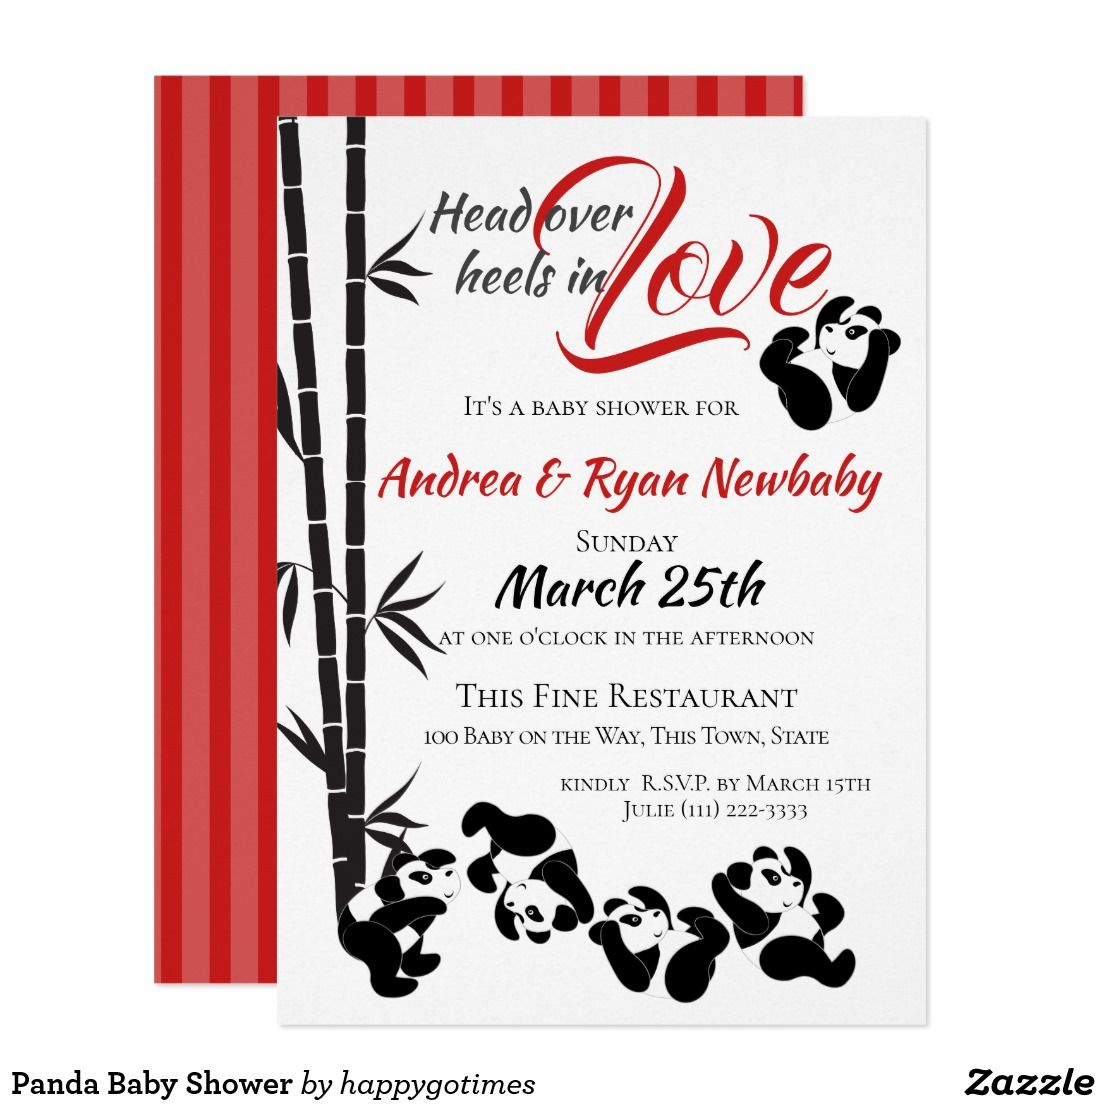 Panda Baby Shower Invitation   Panda baby showers and Panda babies